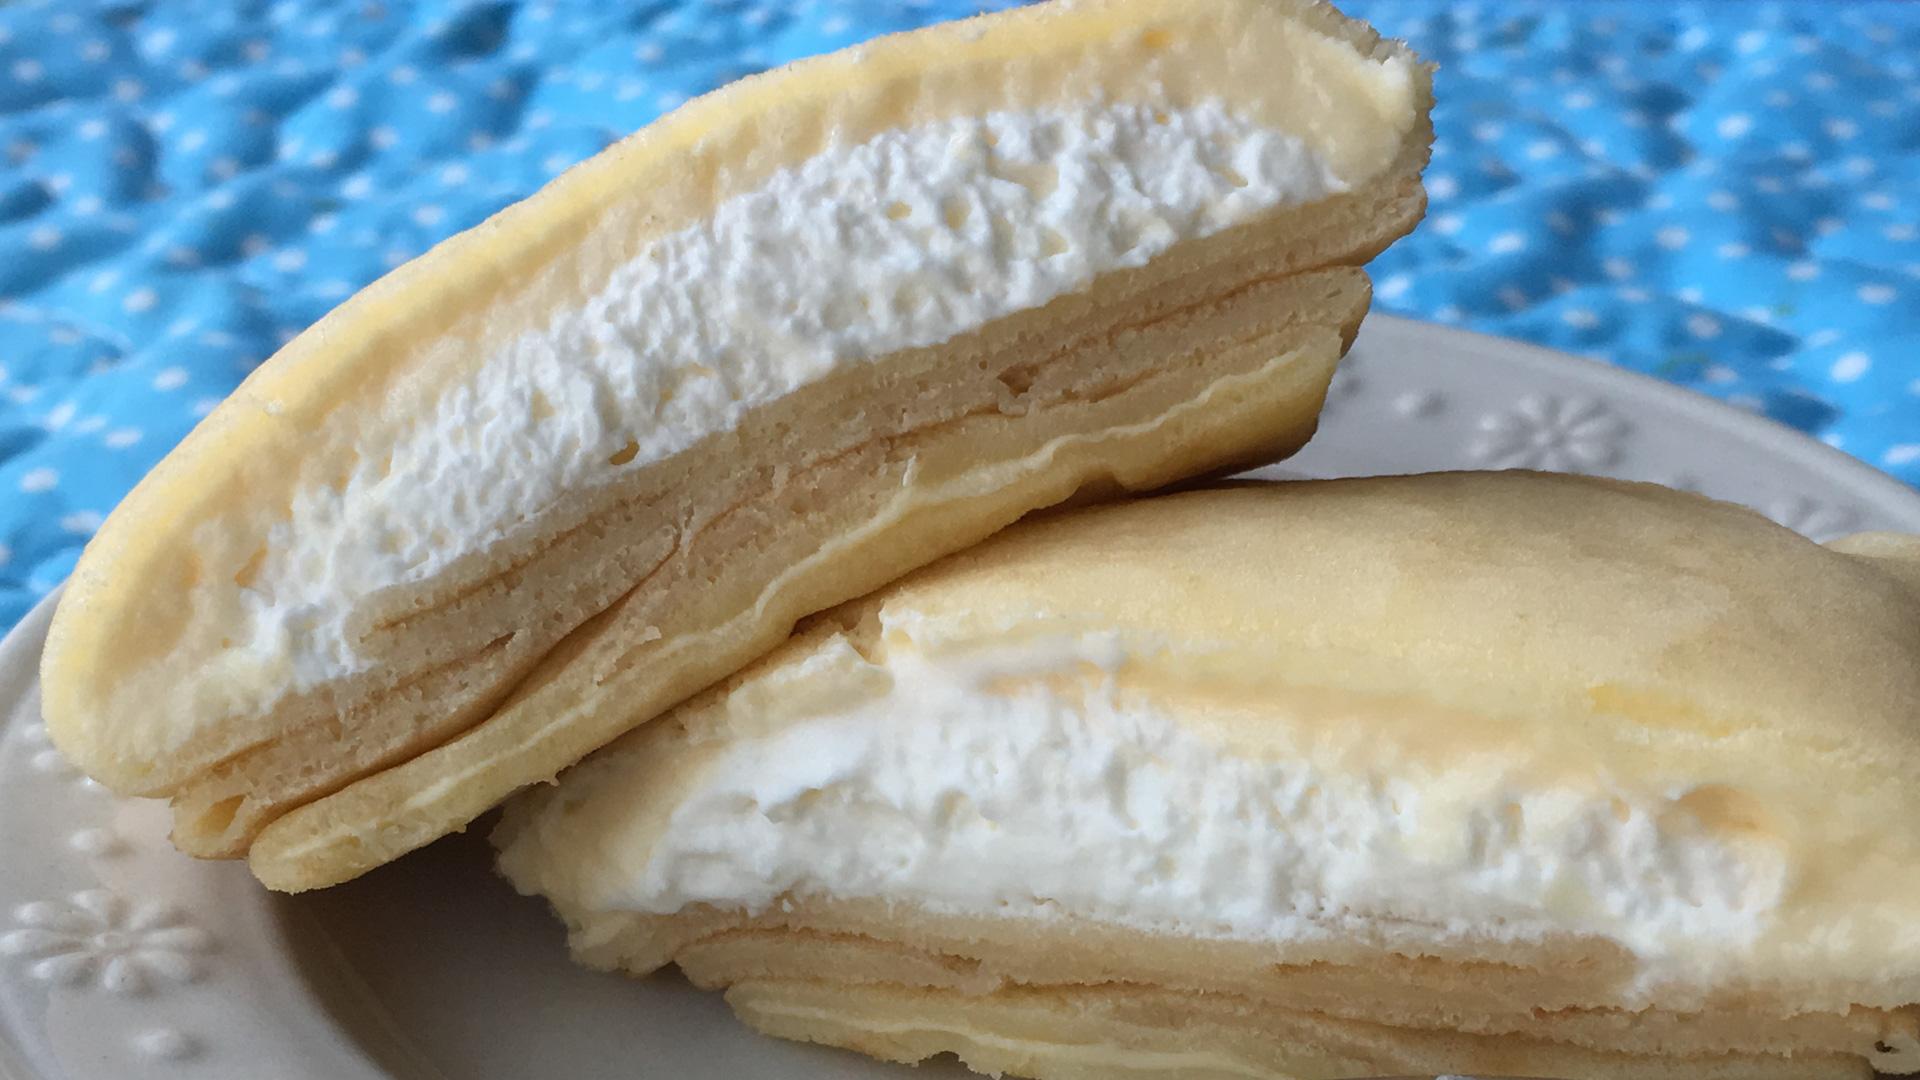 実食レポ【セブン】濃厚×爽やか風味♪もっちりクレープ ダブルレアチーズクリーム